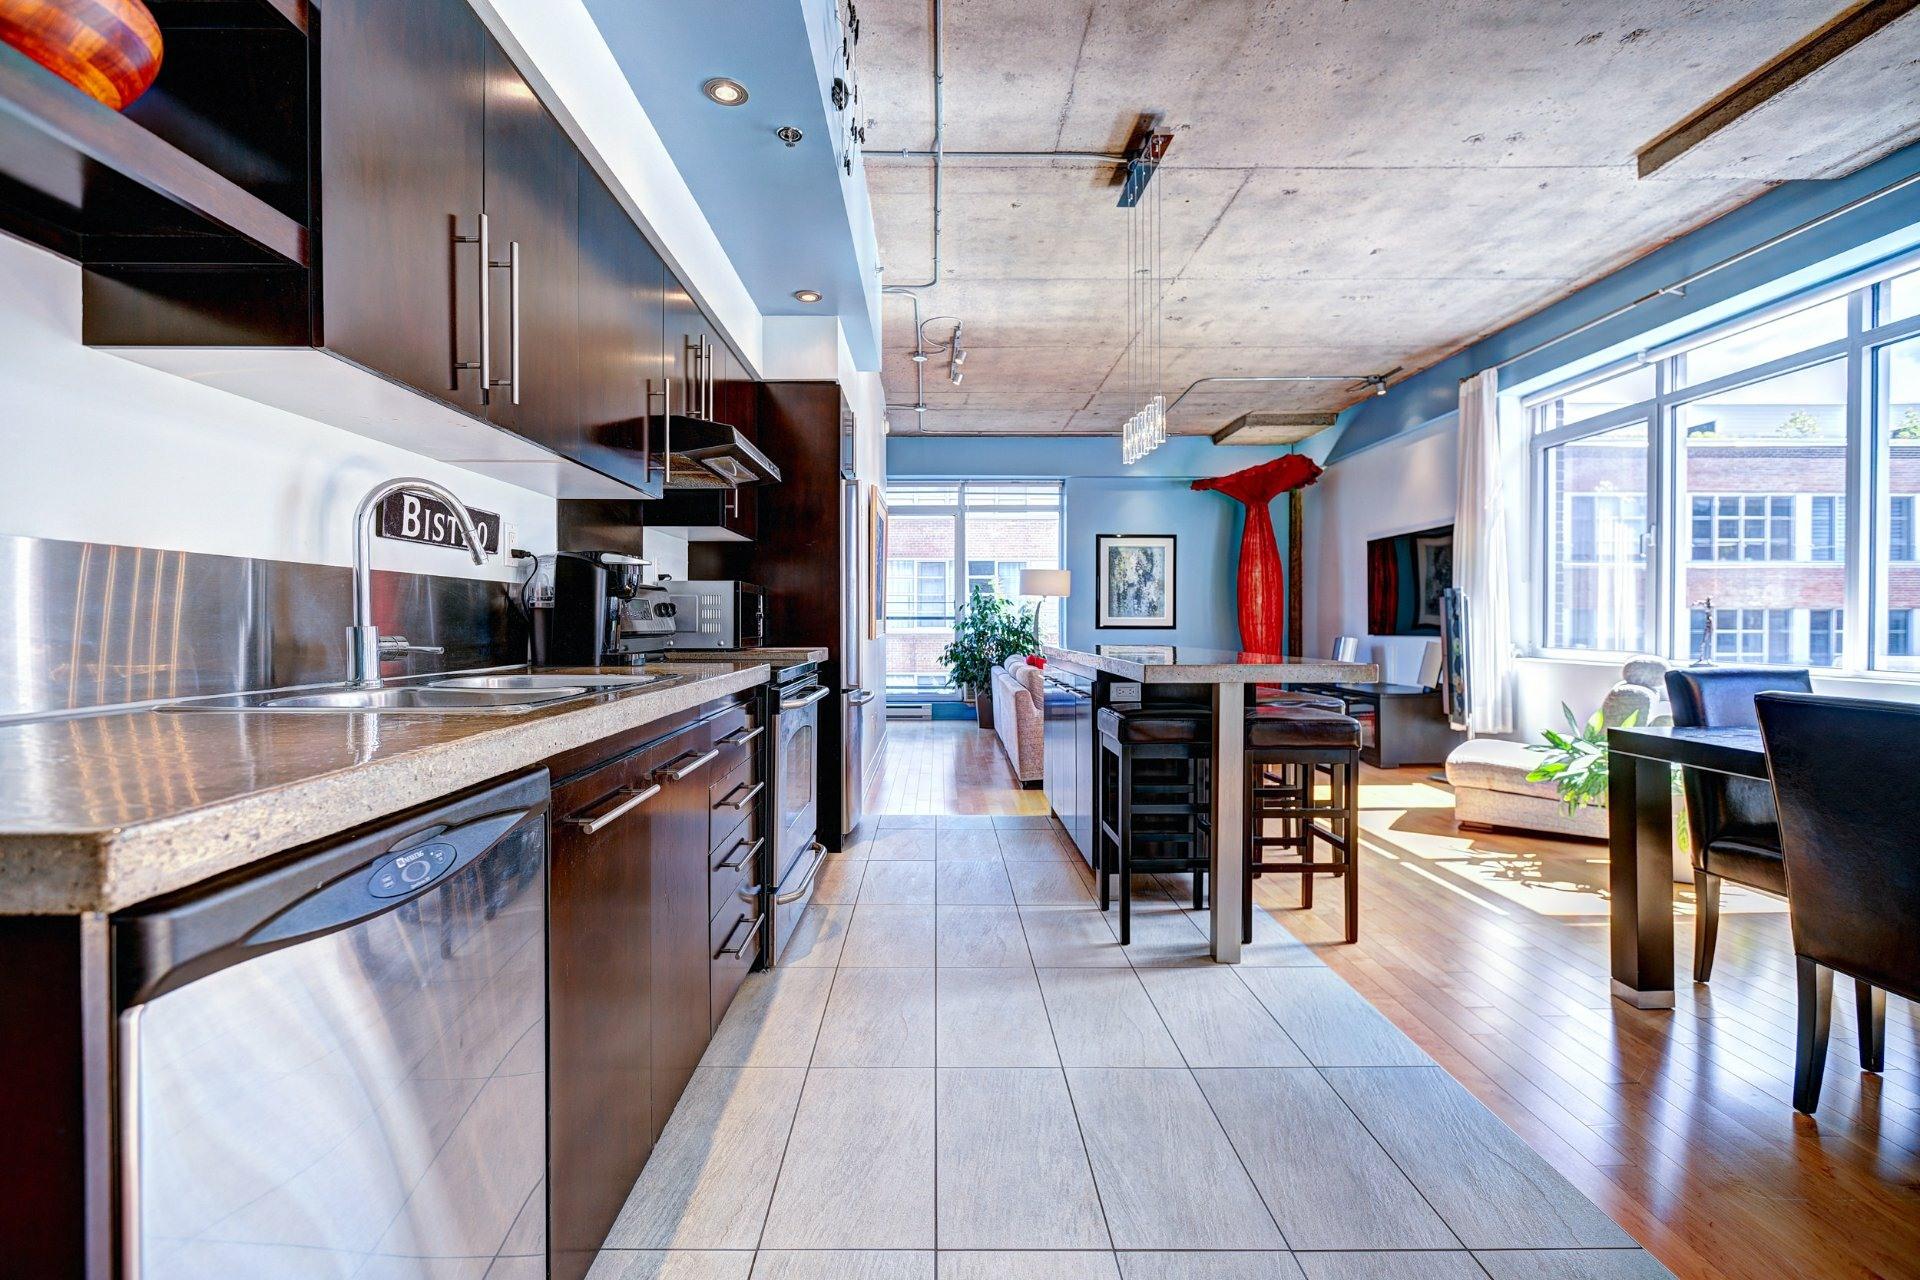 image 9 - Appartement À louer Villeray/Saint-Michel/Parc-Extension Montréal  - 8 pièces